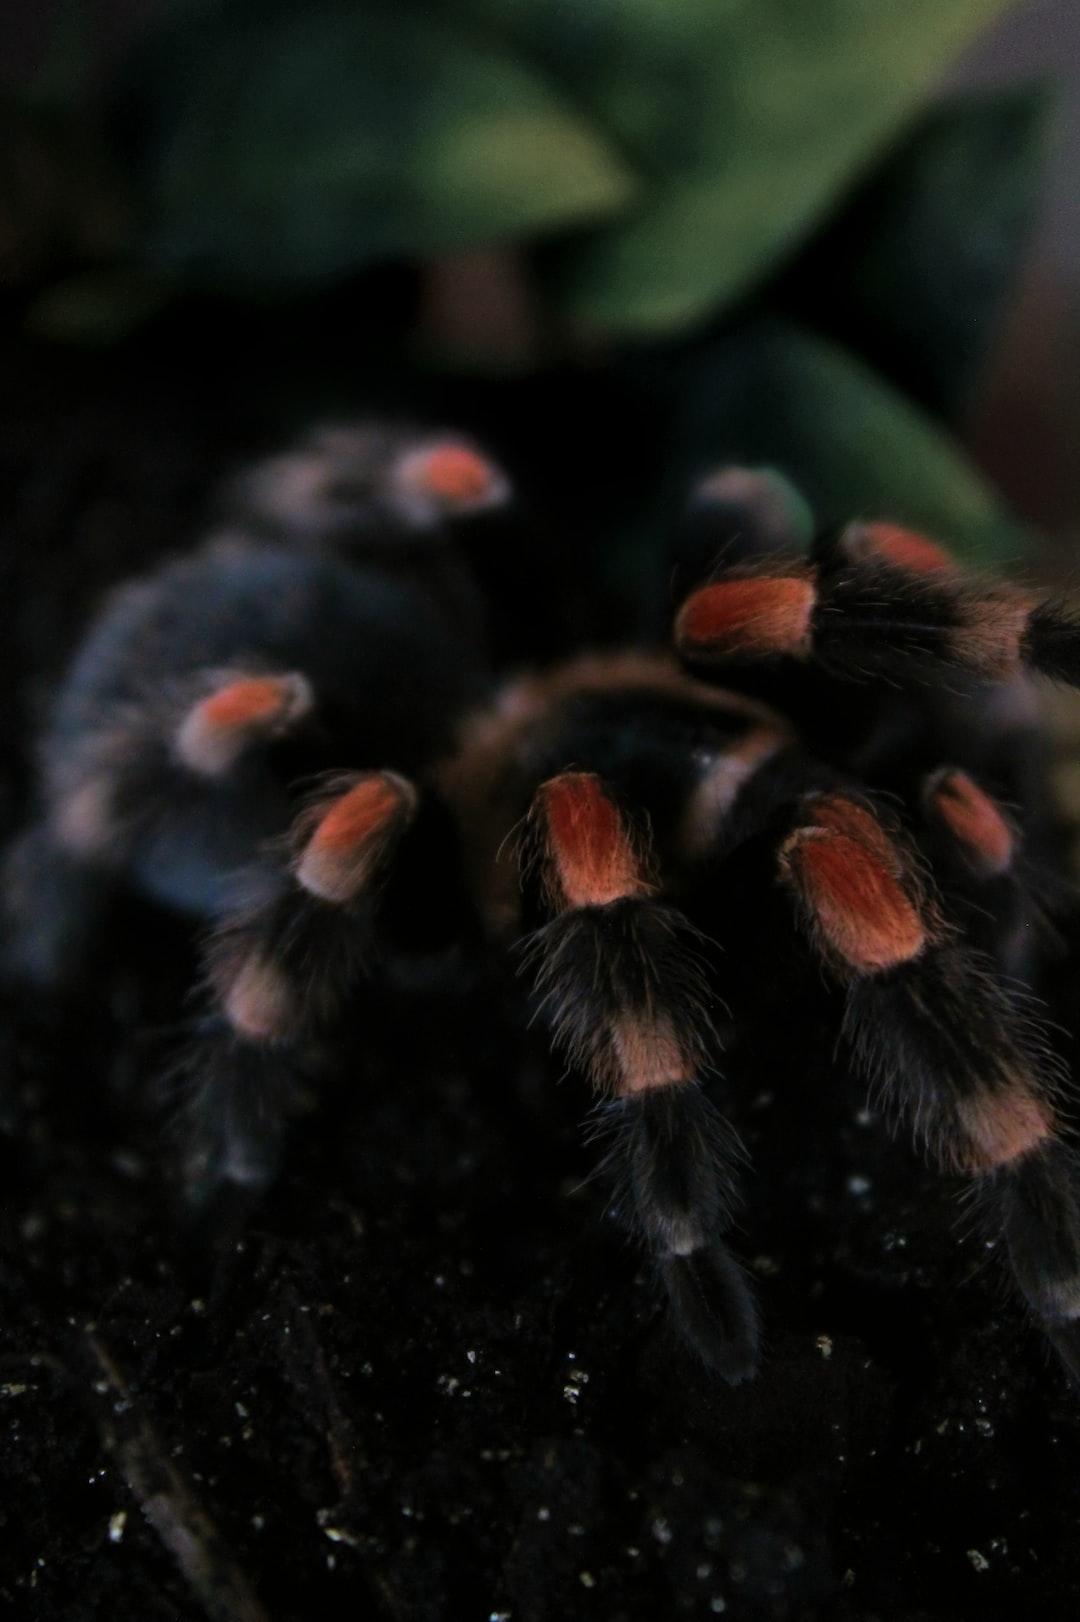 close up focus of tarantula leg hairs